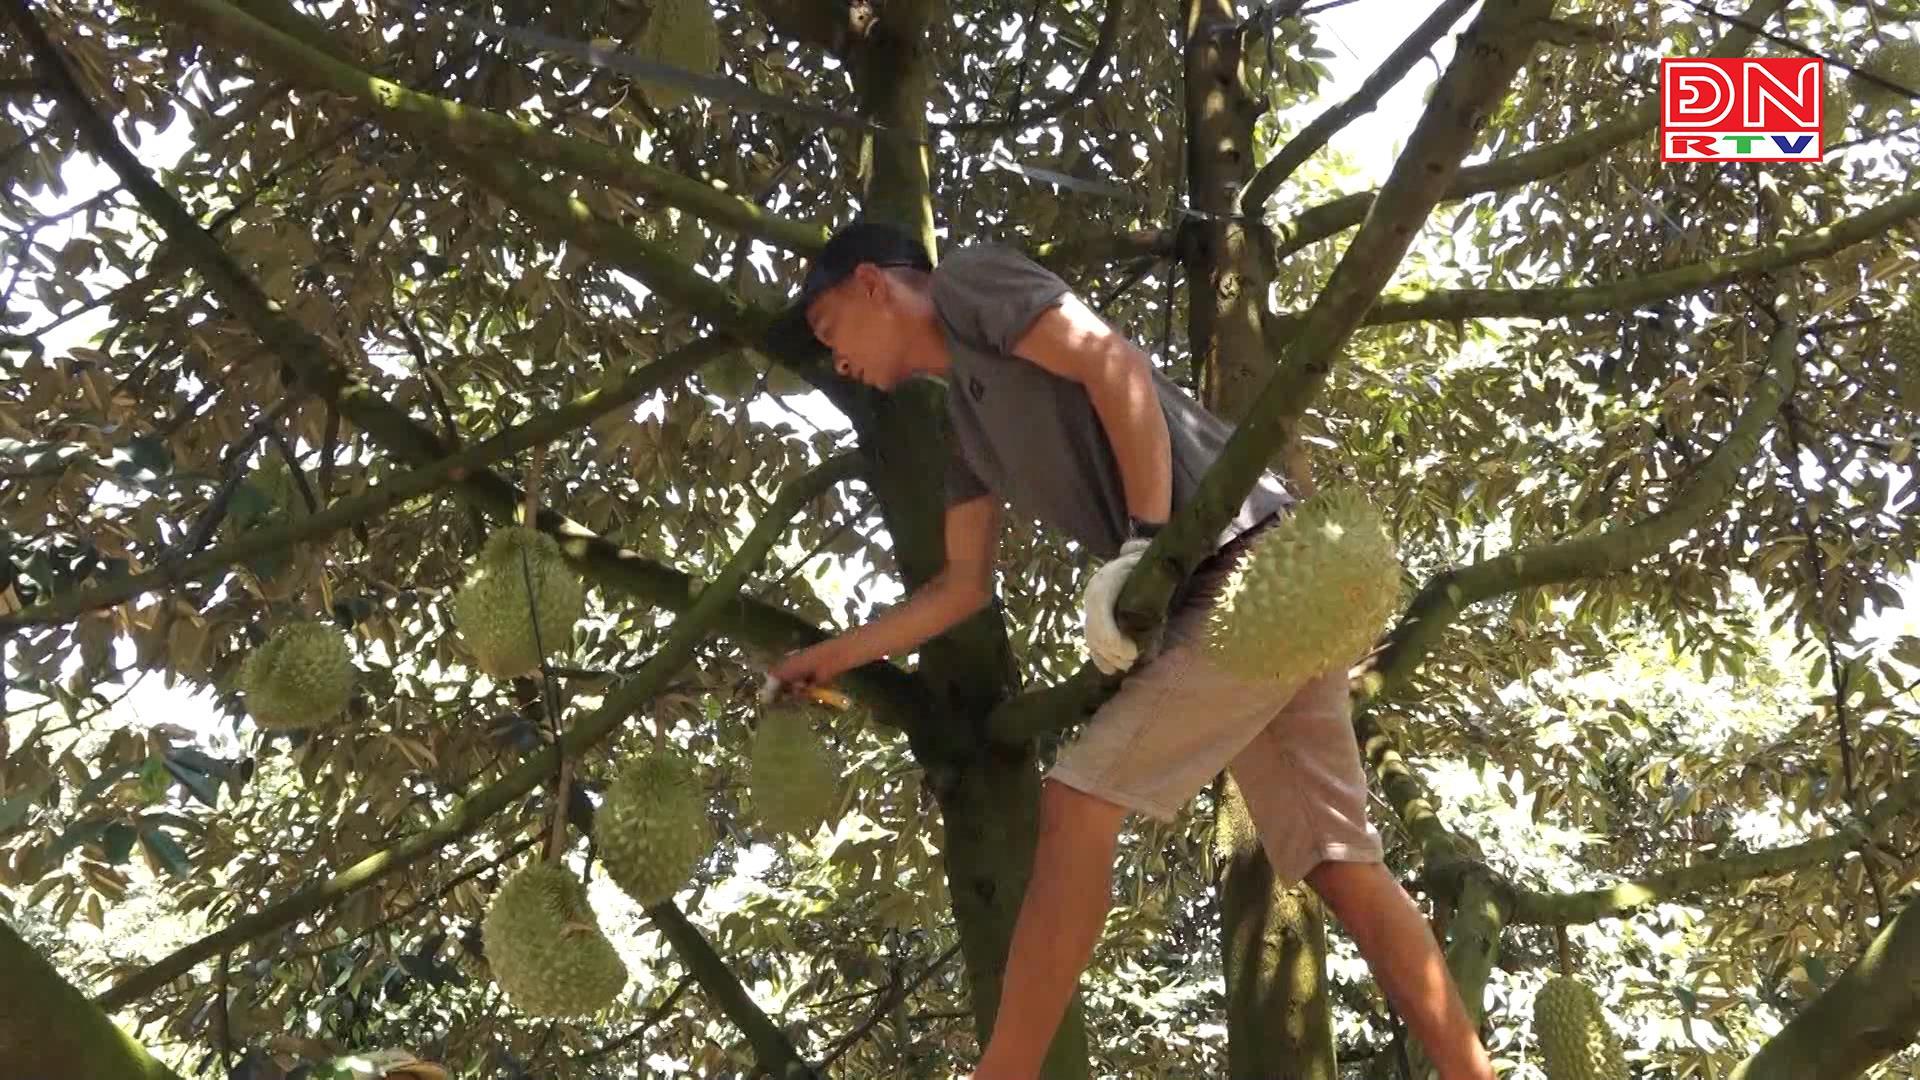 Tân Phú: Sầu riêng rớt giá – người trồng gặp khó